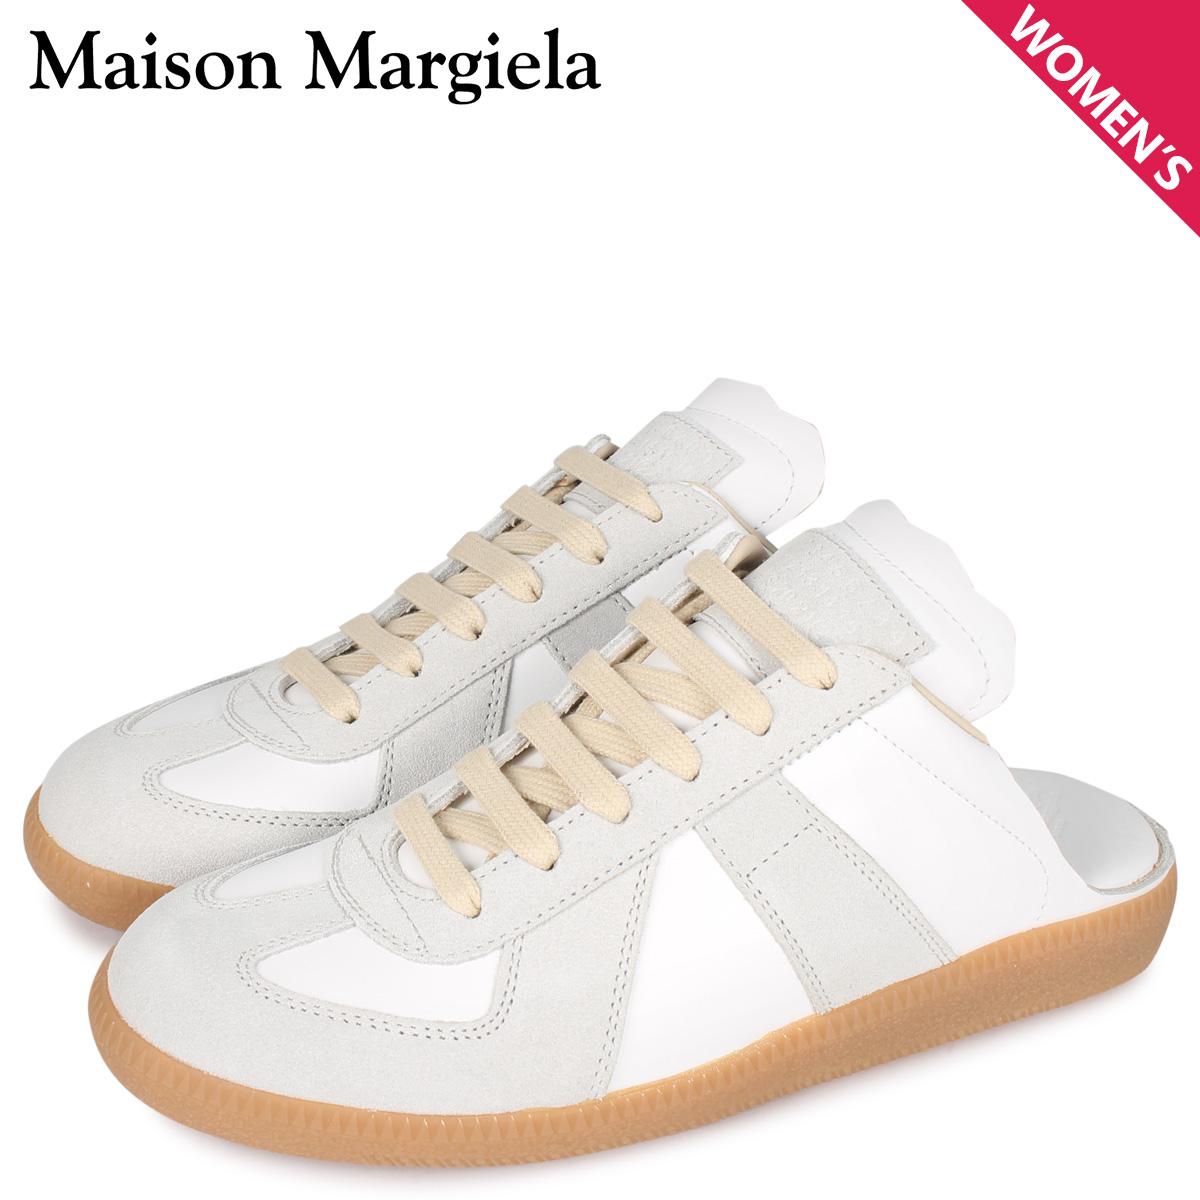 MAISON MARGIELA メゾンマルジェラ レプリカ スニーカー スリッポン レディース  REPLICA ホワイト 白 S58WS0107 [4/6 新入荷]